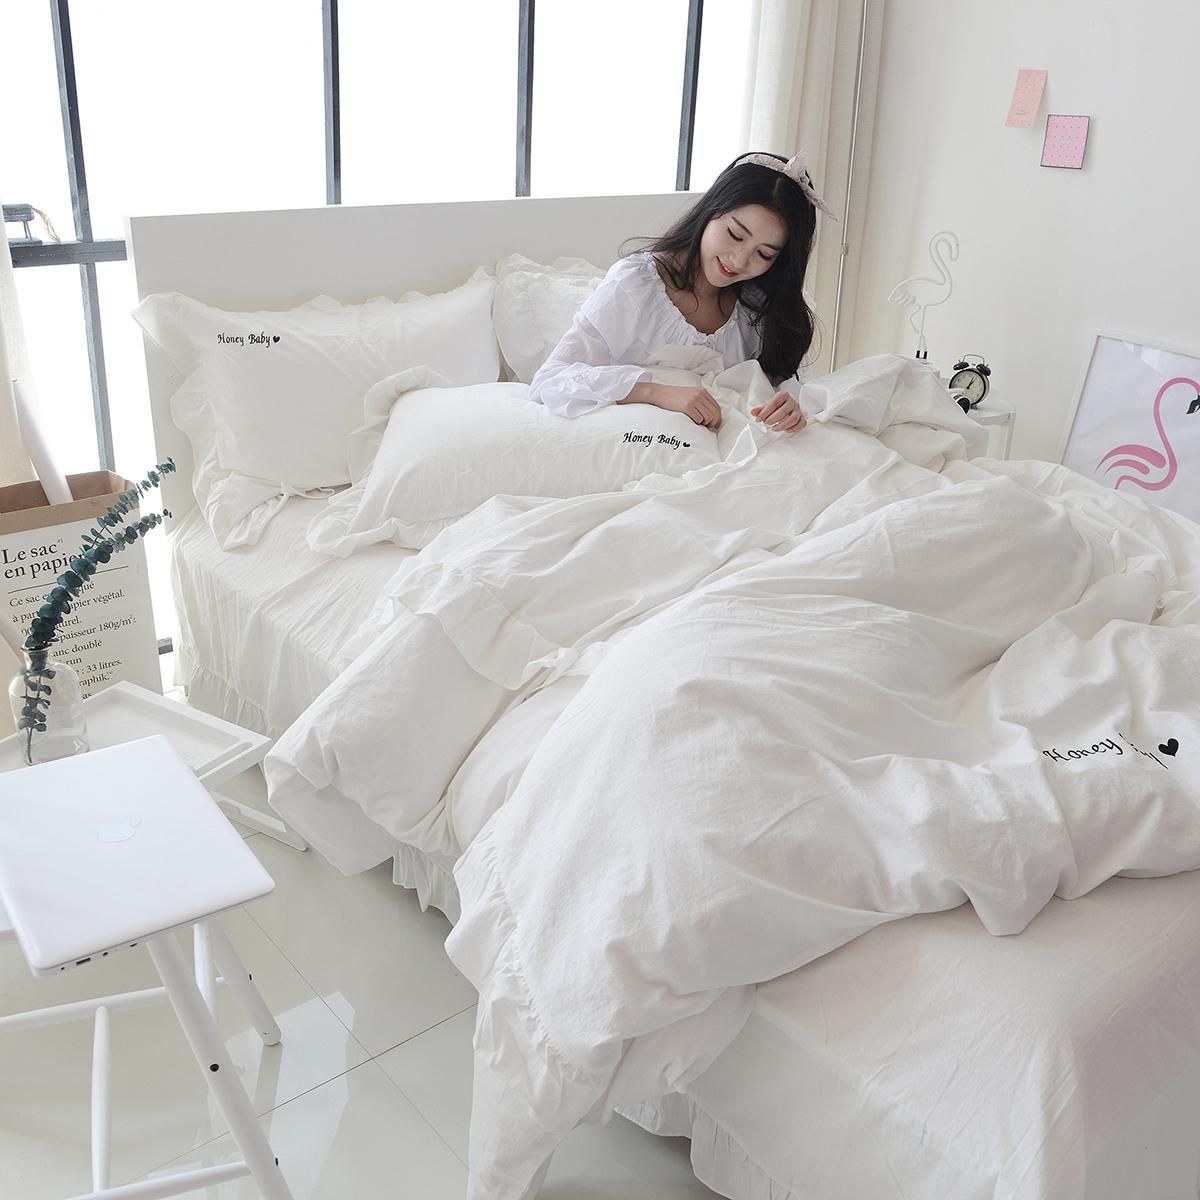 床单白色纯棉简约